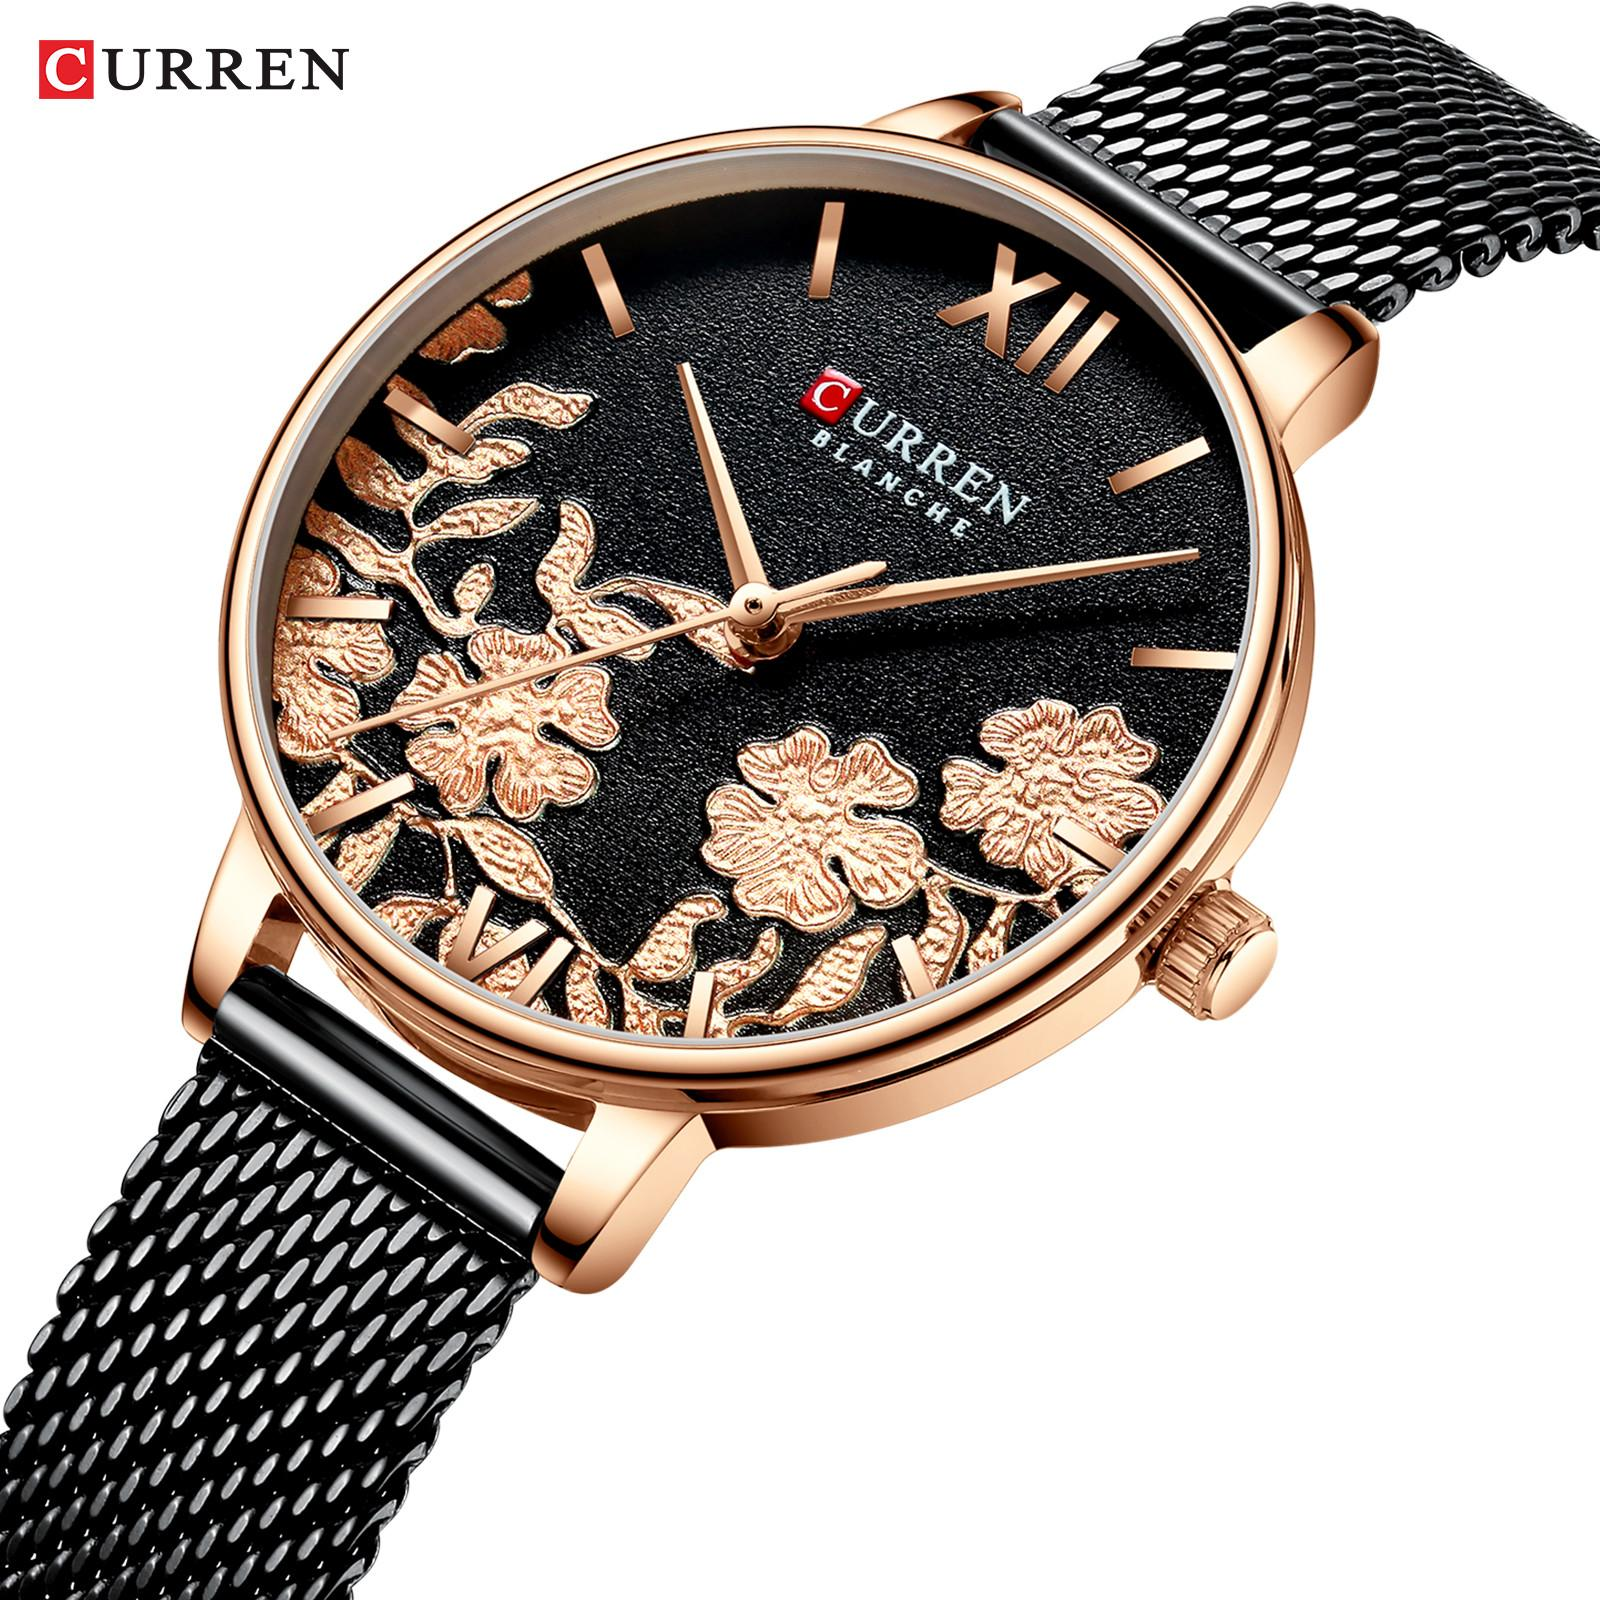 Relogio Feminino Curren Mulheres Assista Top Marca Luxo 2019 Rose Gold Mulheres Pulseira relógio para senhoras relógio de pulso Montre Femme J1205